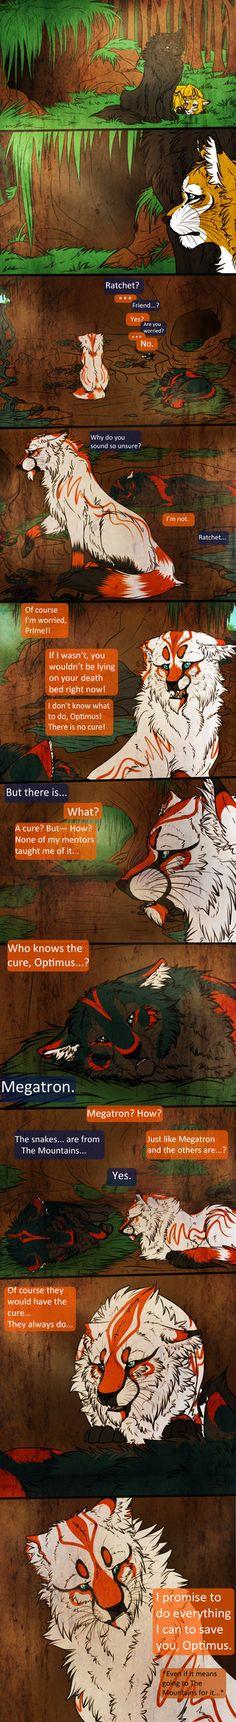 Sick Mind Page 1 (commission) by MoonTiger456.deviantart.com on @DeviantArt